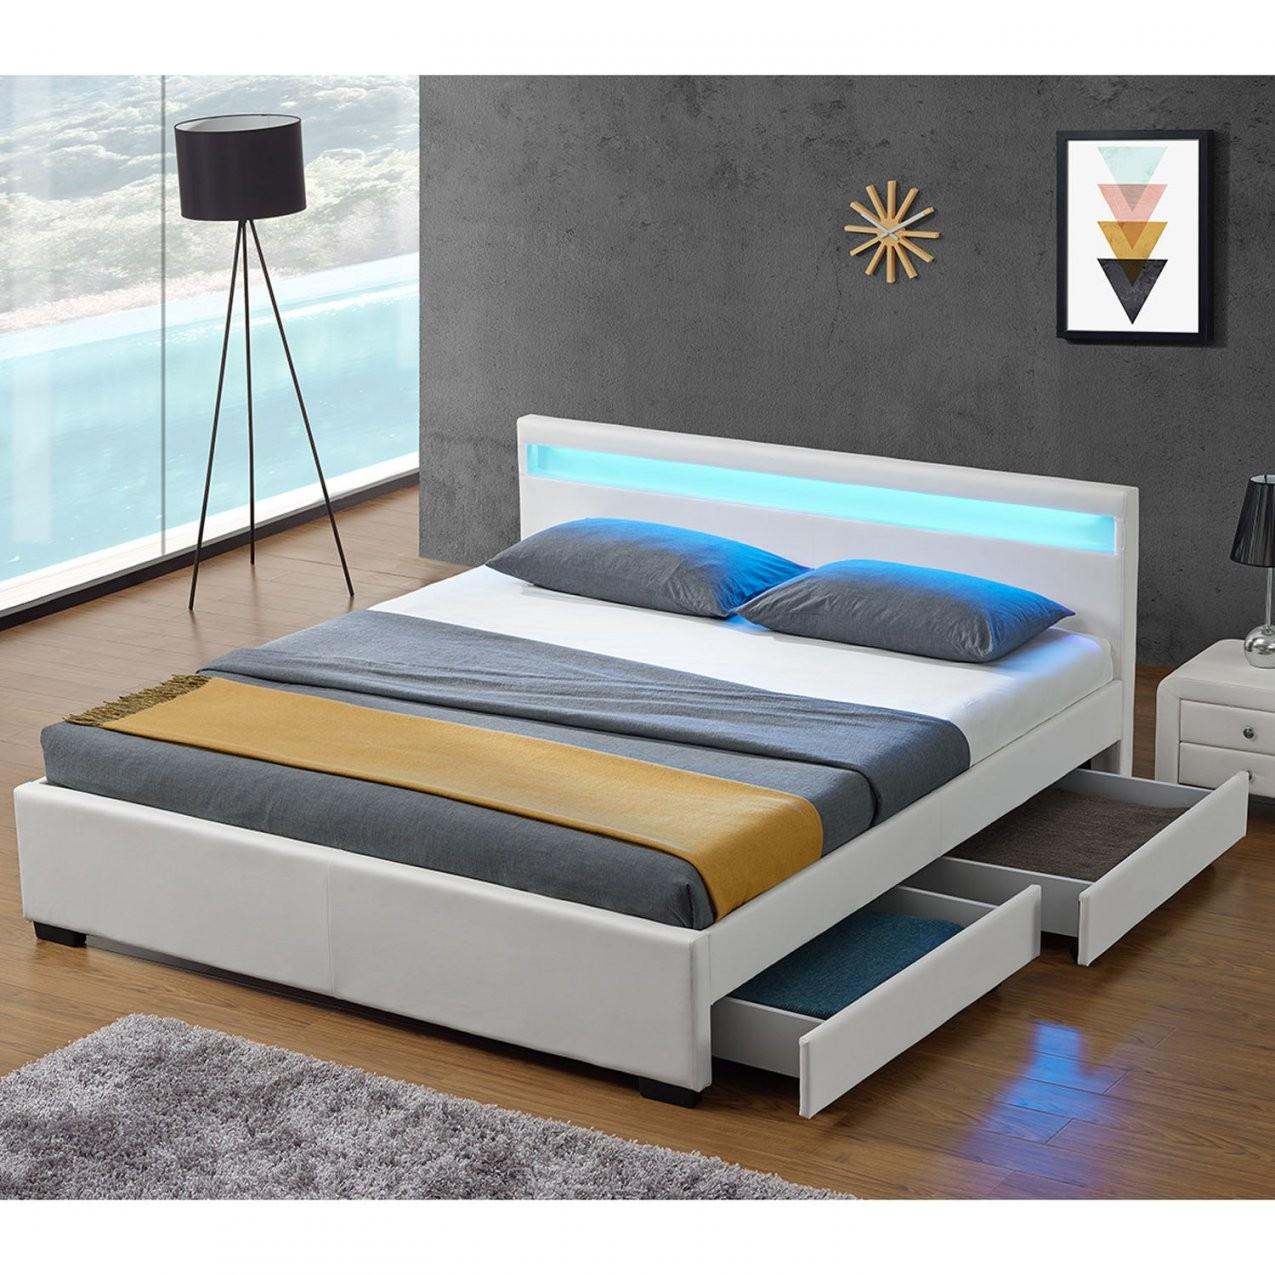 Polsterbett Lyon Mit Bettkasten 180 X 200 Cm  Weiß  Juskys von Bett Mit Bettkasten 180X200 Weiß Bild